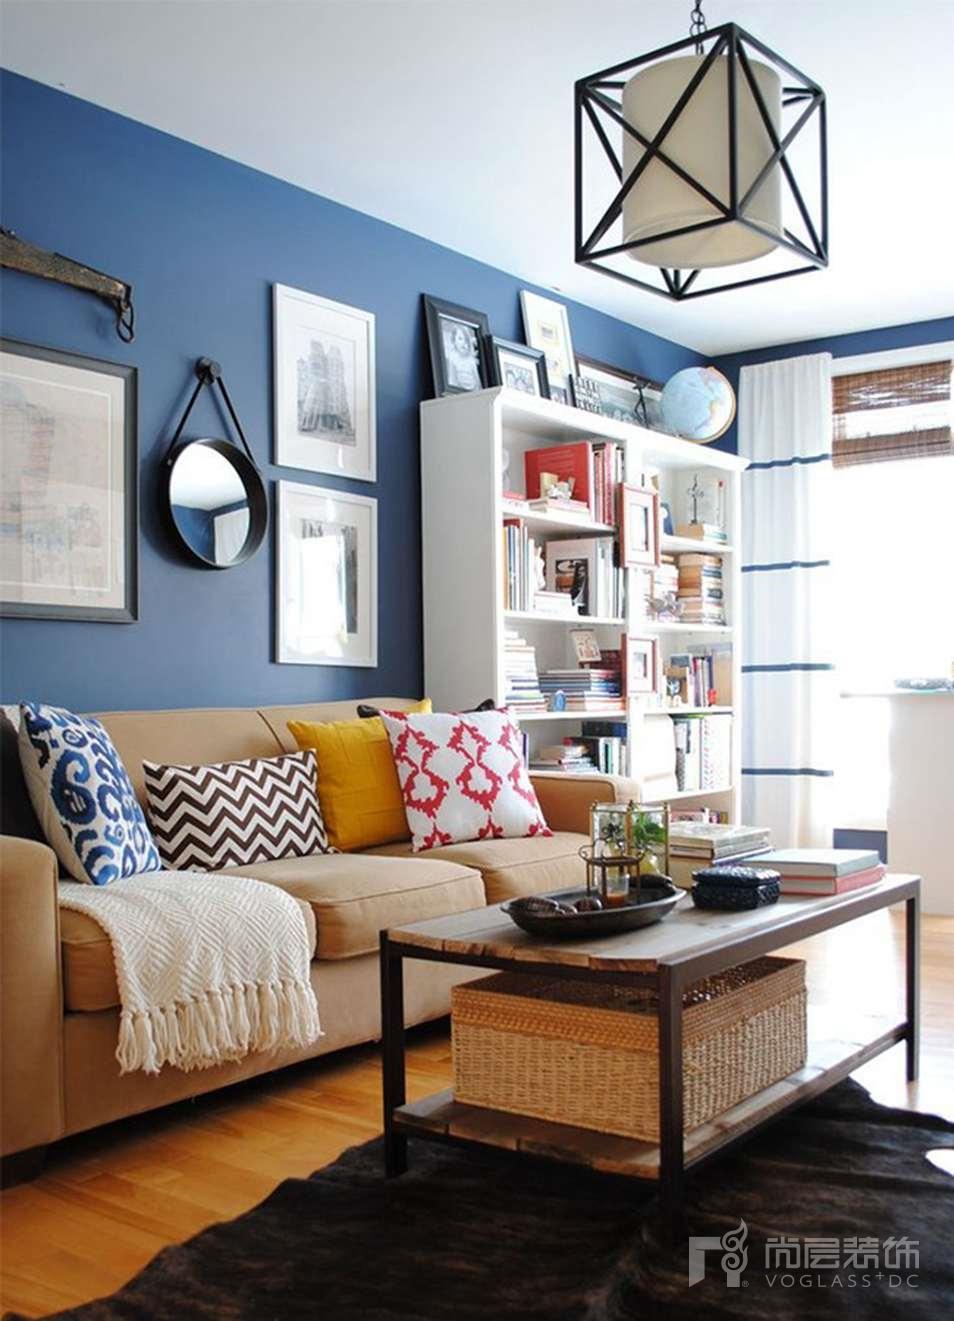 尚层软装配饰设计色彩攻略-蓝色搭配